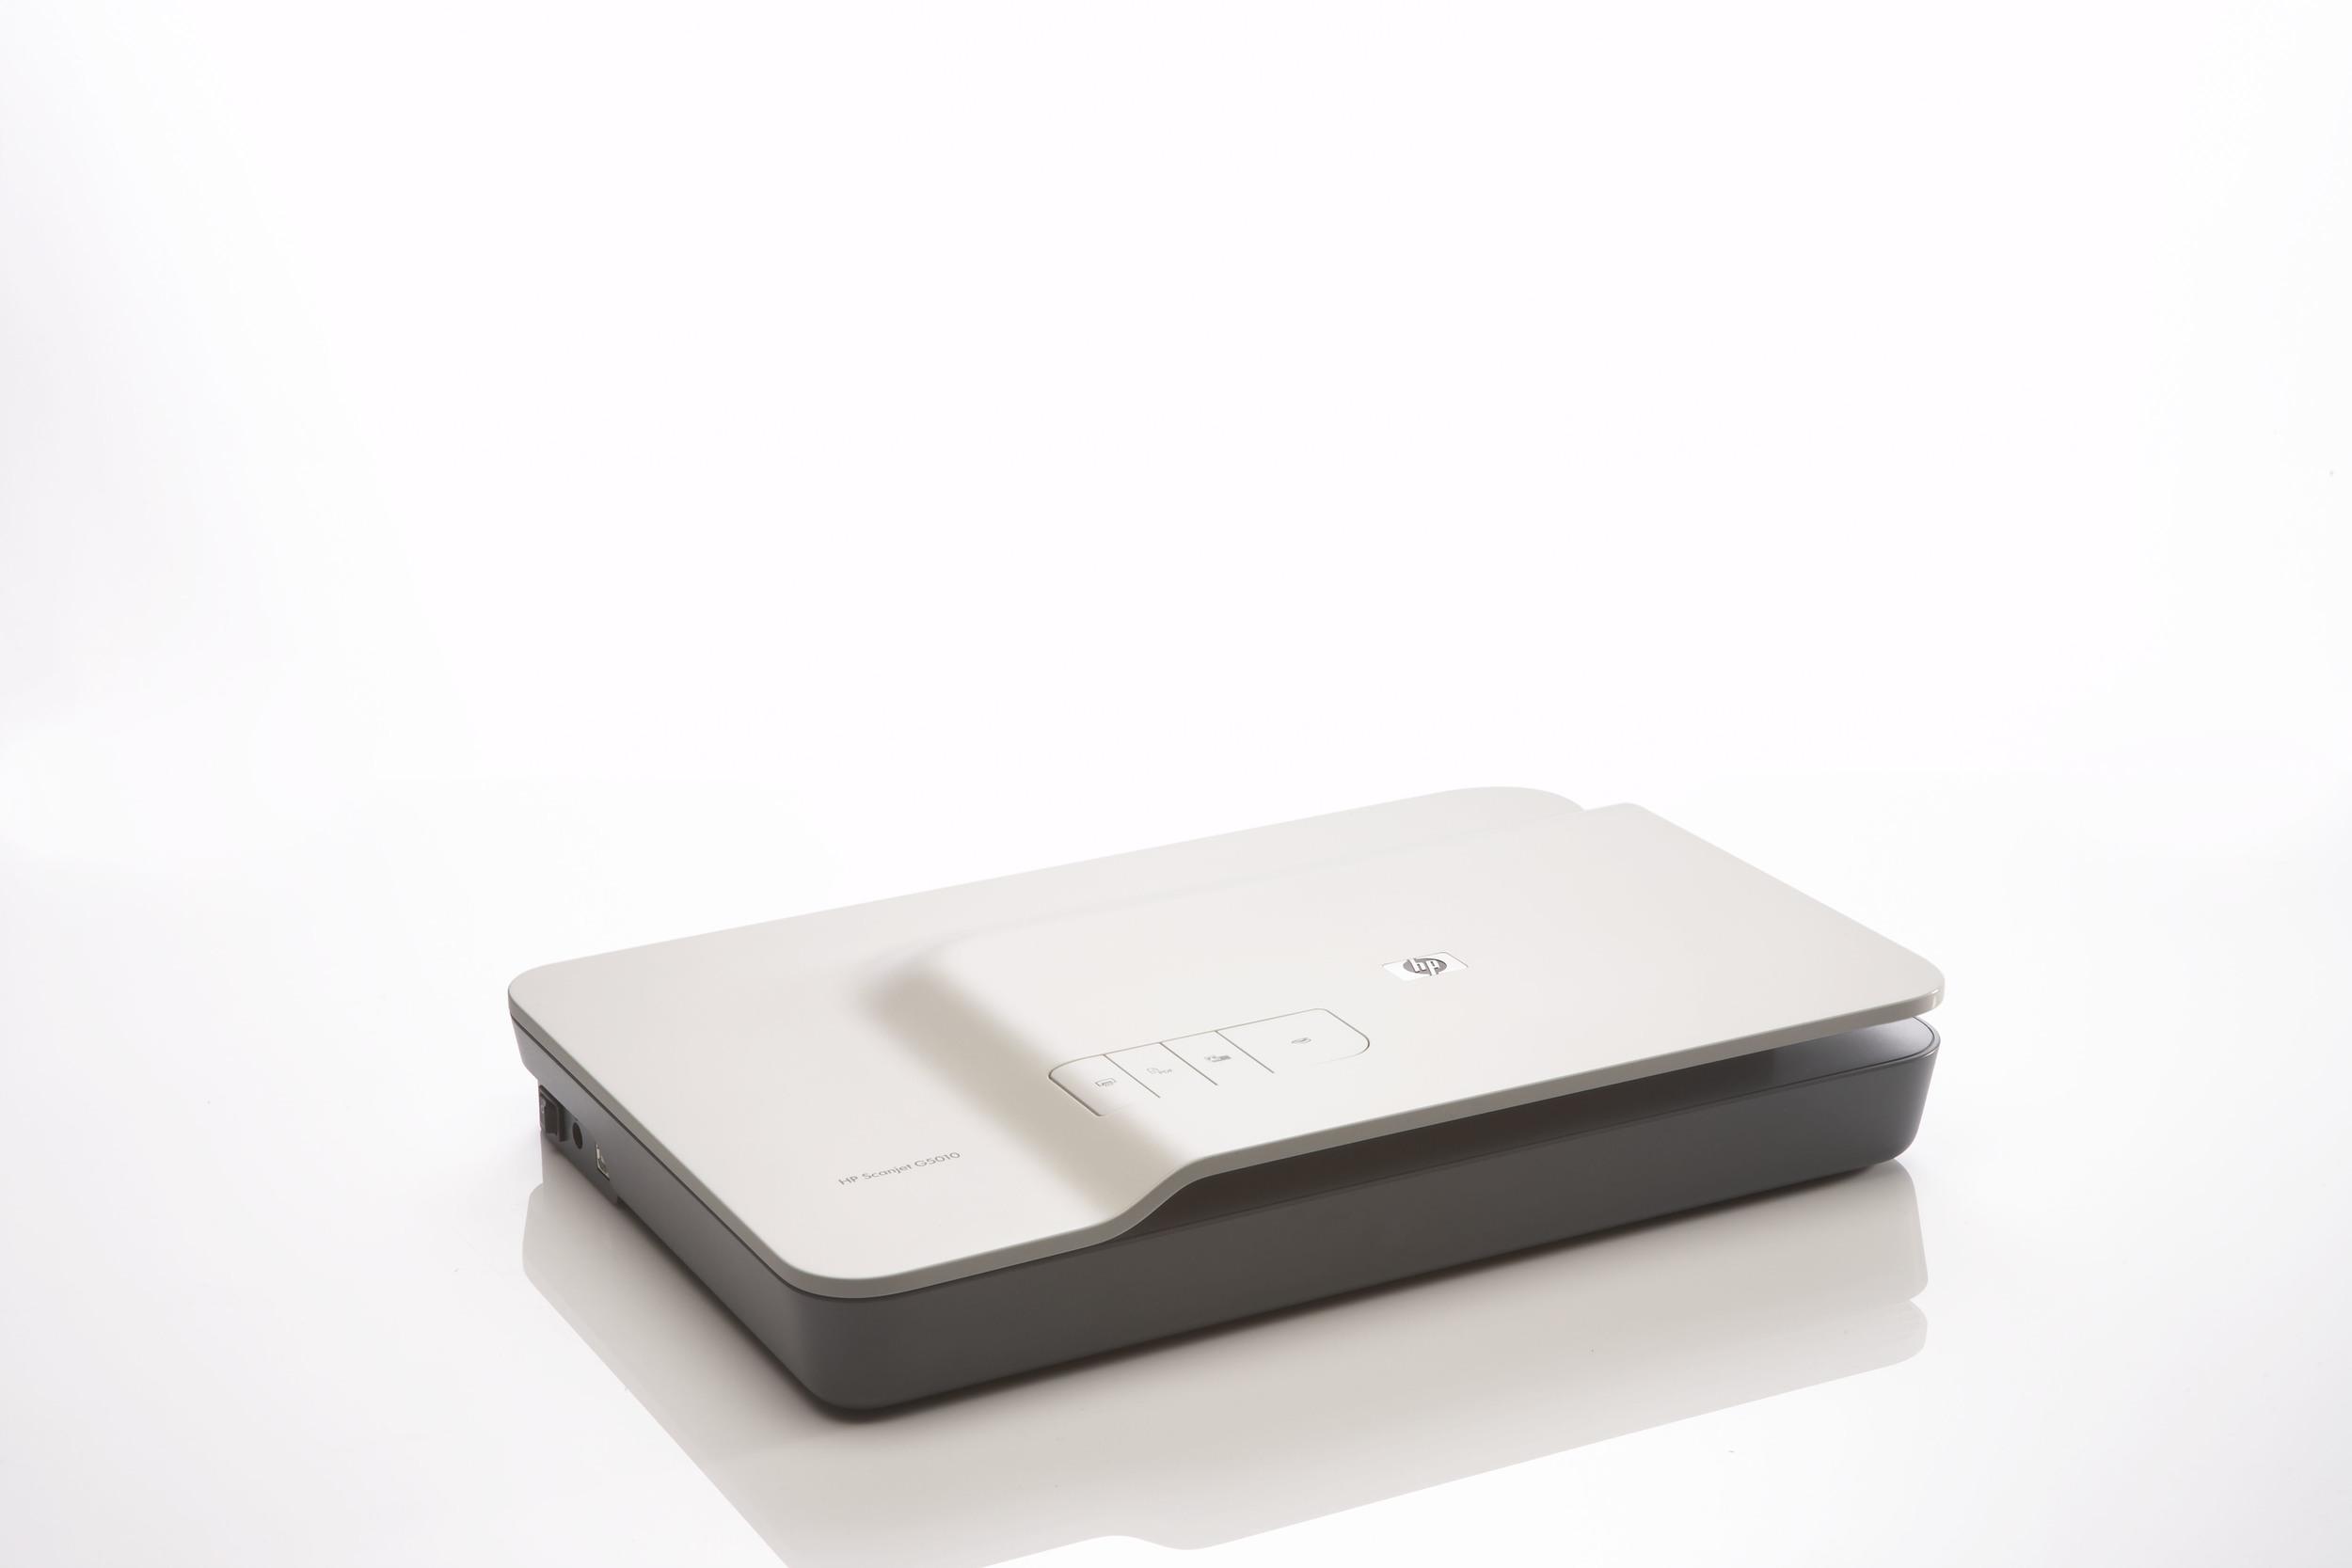 HP Kiss II Scanner -051wip.jpg